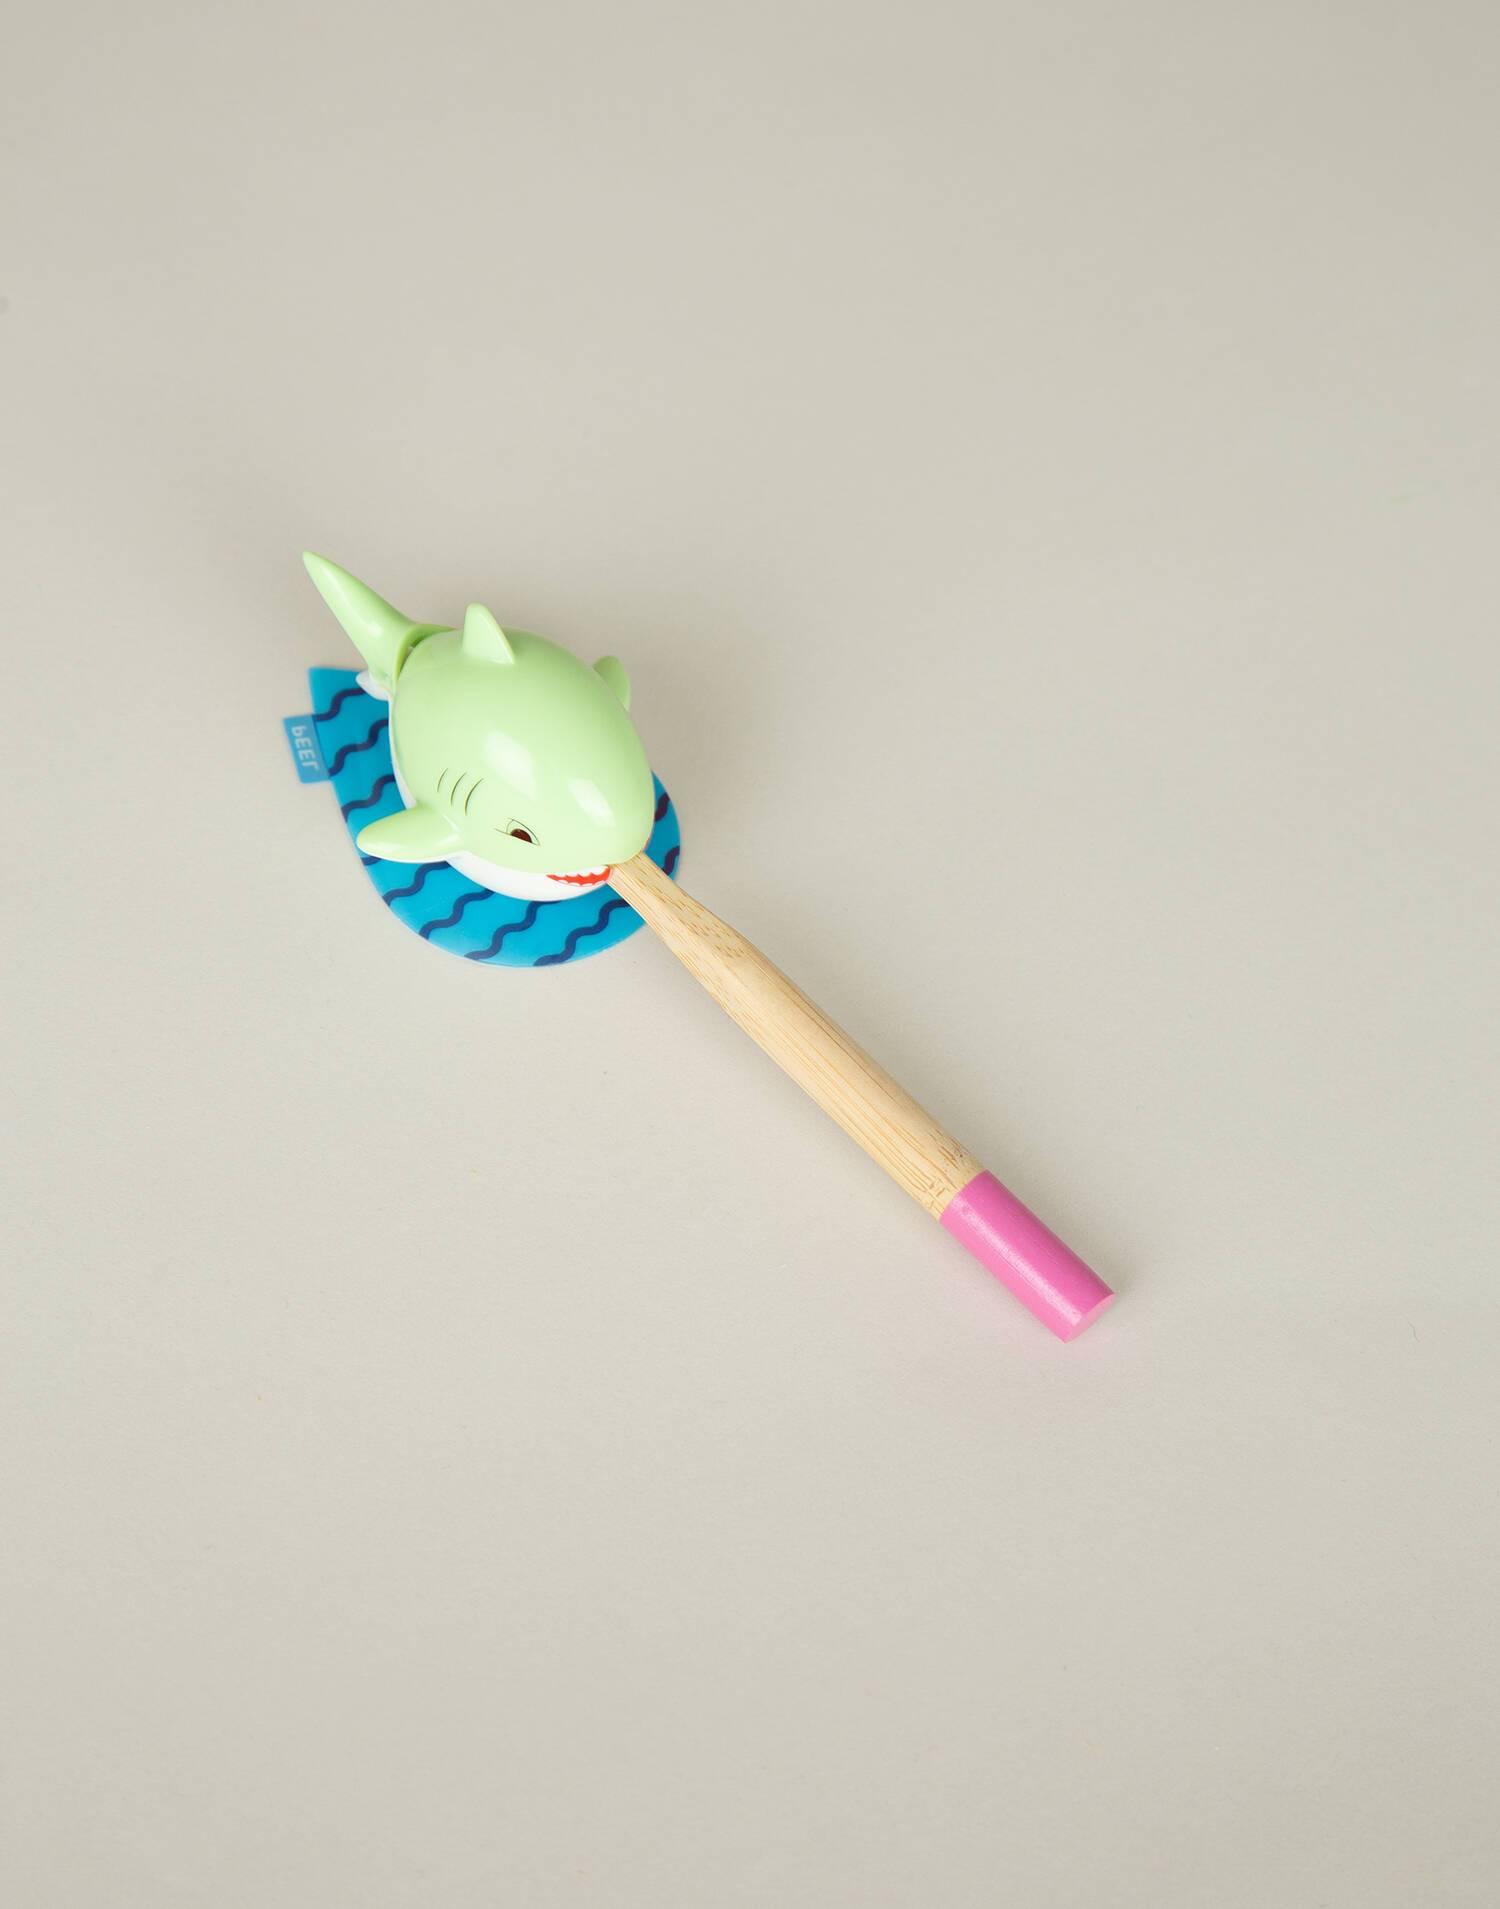 Cajita cepillo dientes